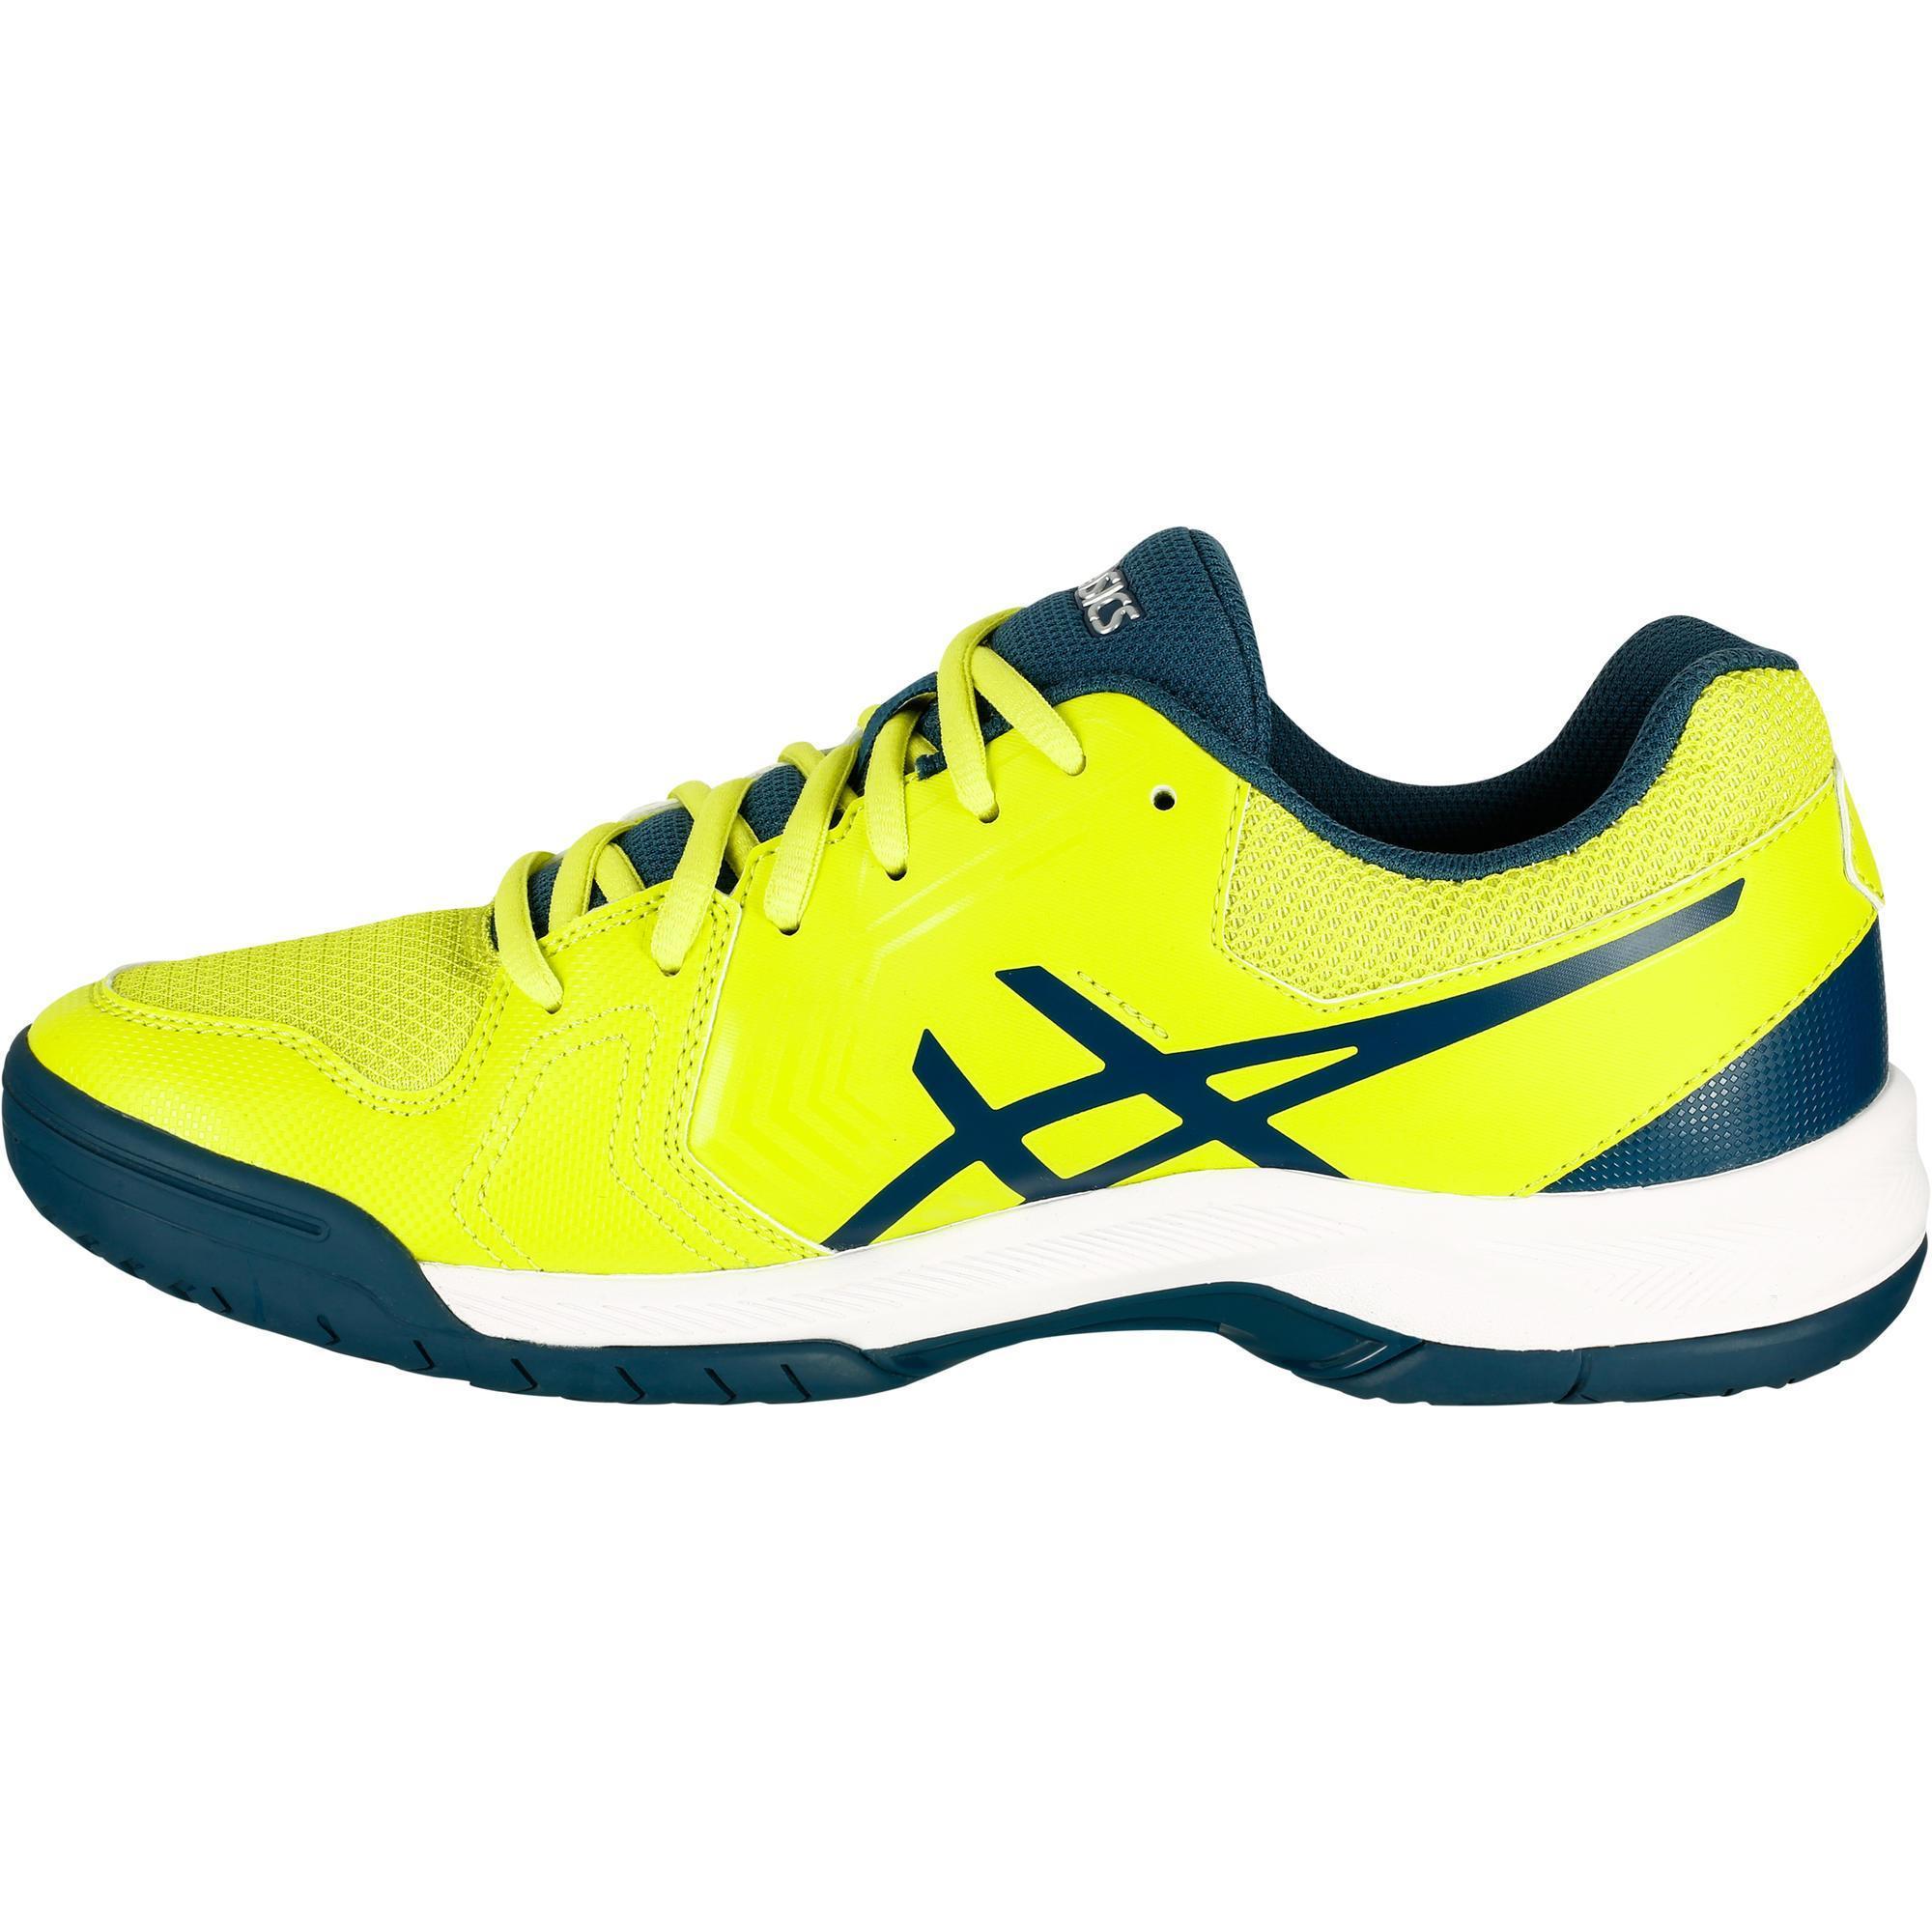 timeless design 55a18 3e2c1 Jaune Homme Decathlon Dedicate Asics Chaussure Tennis Gel De 01W8wWRtqY